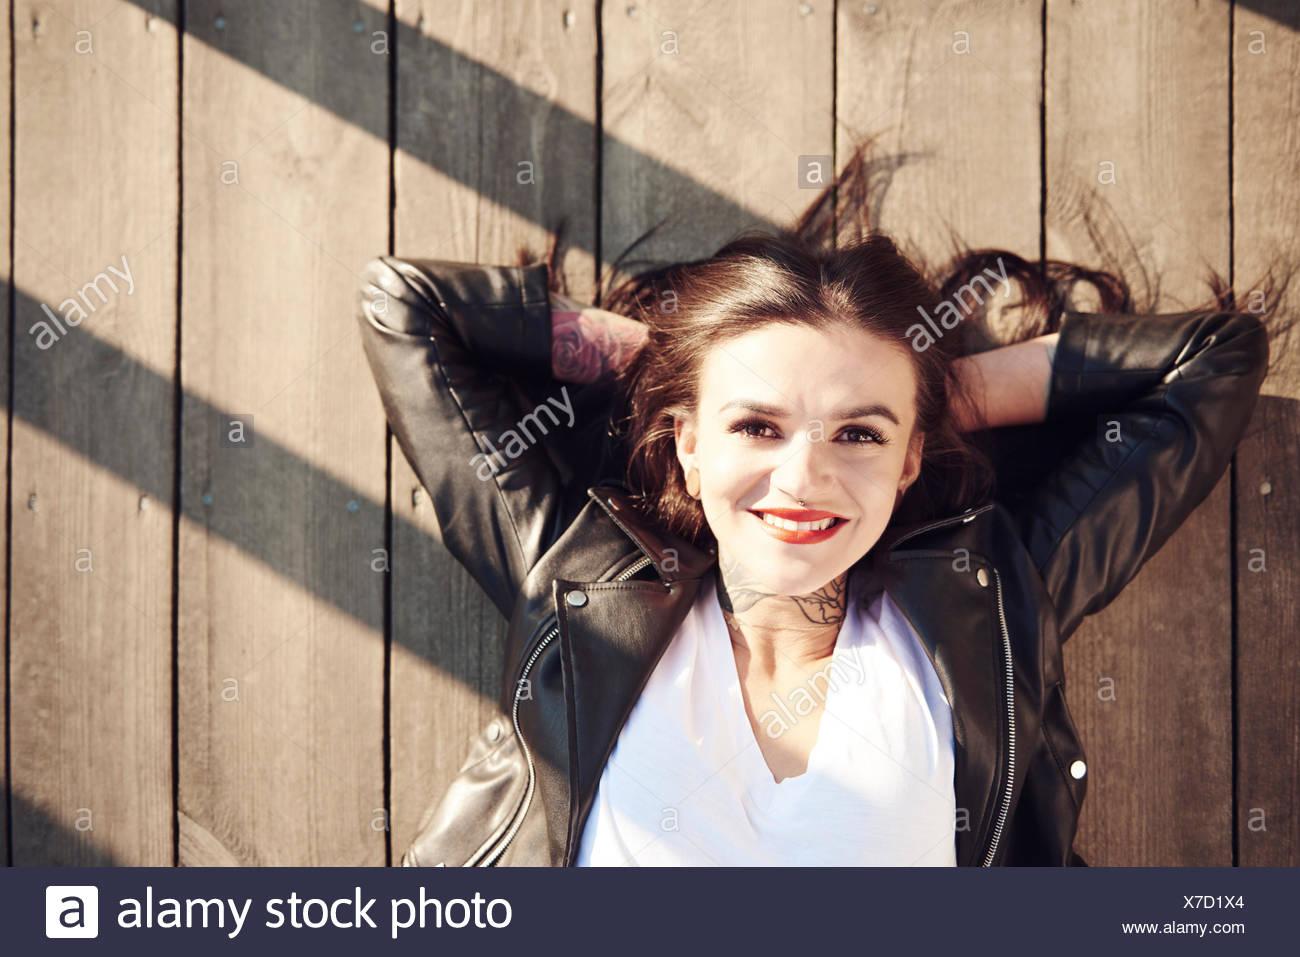 Portrait of young woman lying on decking en bois, les mains derrière la tête, smiling, portrait Photo Stock